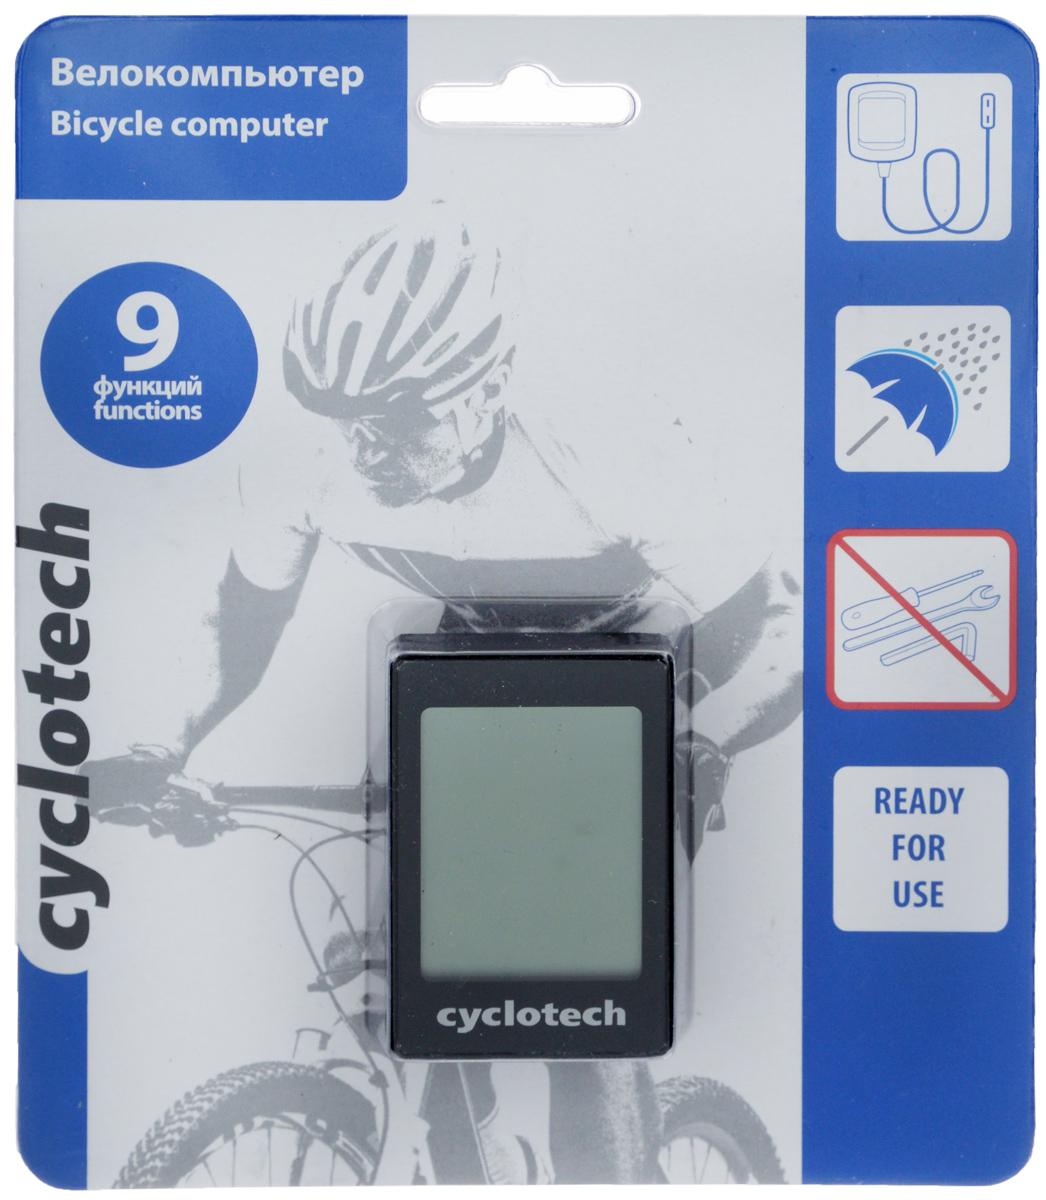 Велокомпьютер Cyclotech, 9 функцийMCI54145_WhiteПроводной велокомпьютер Cyclotech оснащен девятью функциями и предназначен для использования при занятиях велоспортом. Это удобный и простой в использовании электронный прибор, предоставляющий велосипедисту всю необходимую информацию о поездке. Велокомпьютер крепится на руле с возможностью мгновенно отсоединить его, когда нет желания оставлять на велосипеде без присмотра или под дождем. Функции: сравнение скоростей; текущий пробег; задание дистанций; память на два велосипеда; время в пути; часы; режим энергосбережения; автоматический старт измерений; возможность конвертации из миль в километры и обратно.